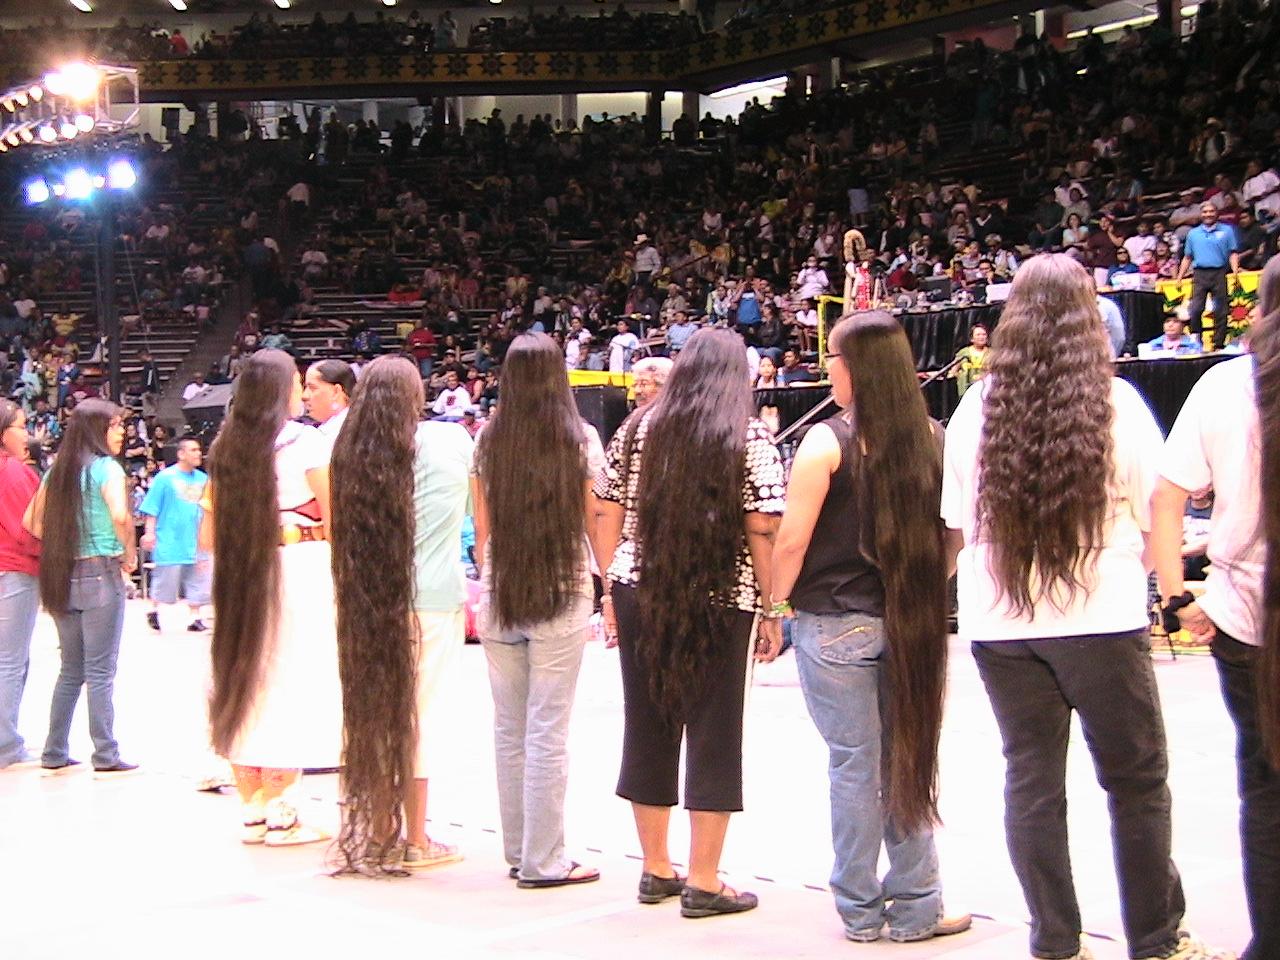 بالصور اطول شعر في العالم , شاهد اطول شعر في الدنيا 3512